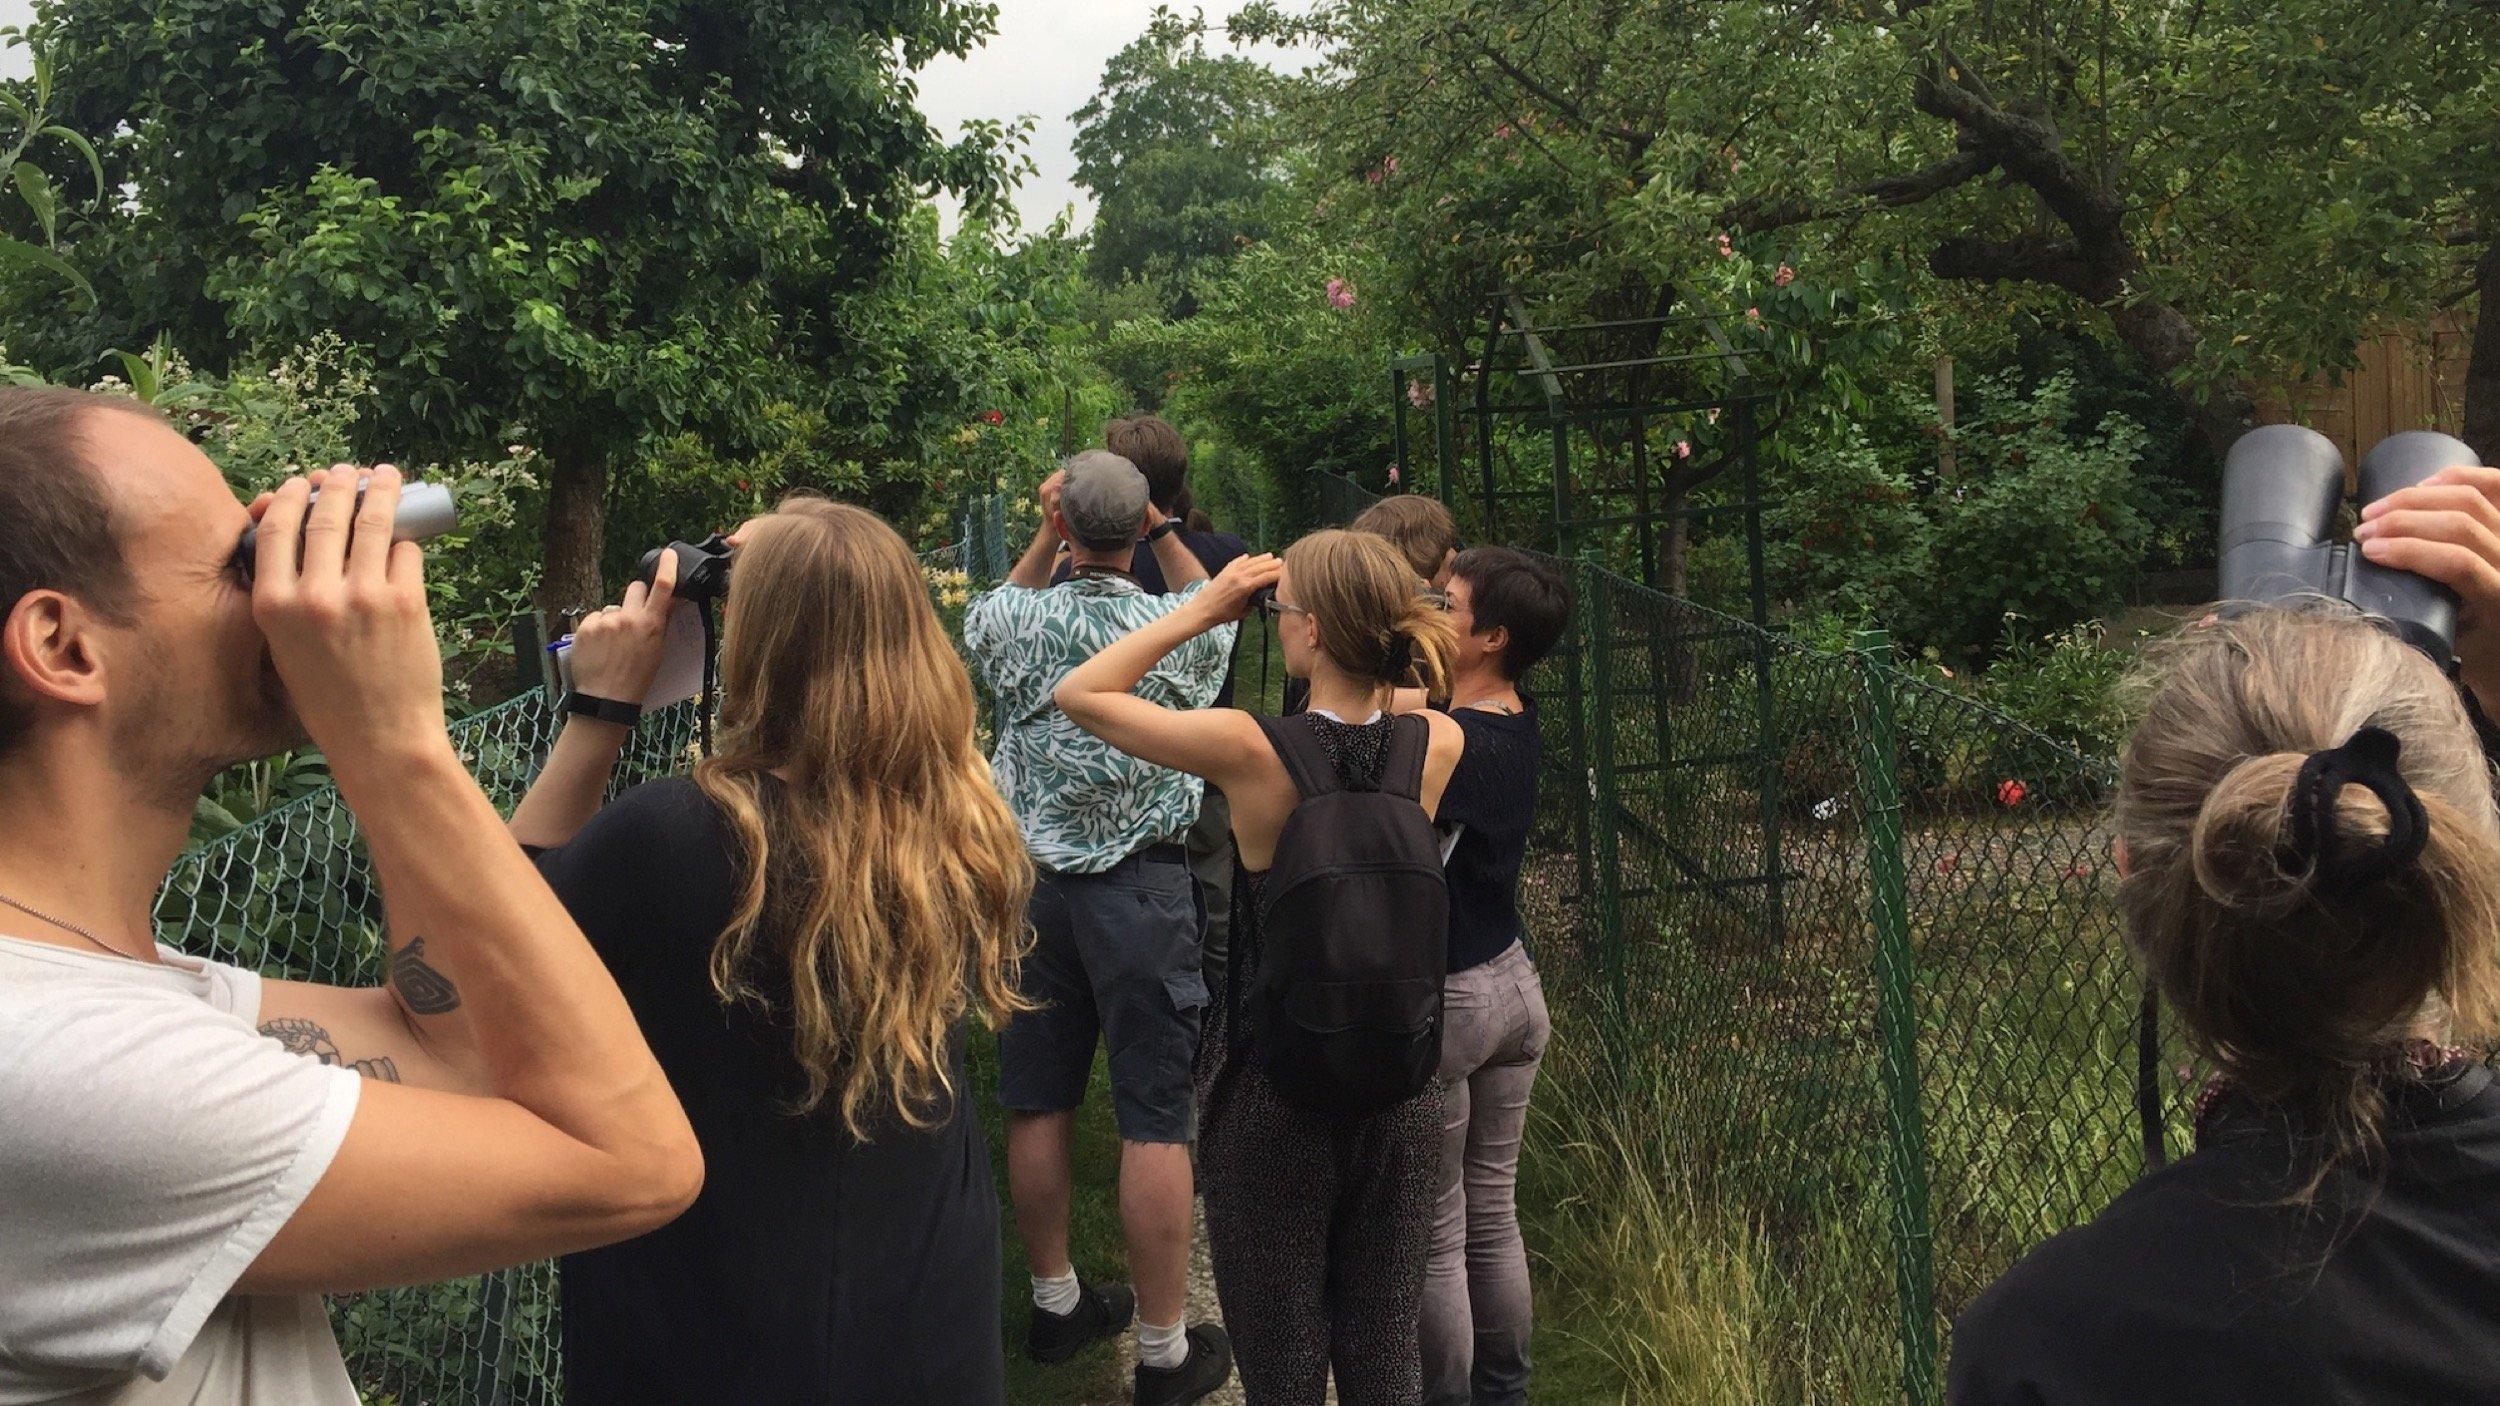 Bei einer Vogelexkursion 2018in Berlinen schauen die Teilnehmer mit Ferngläsern in den Himmel.